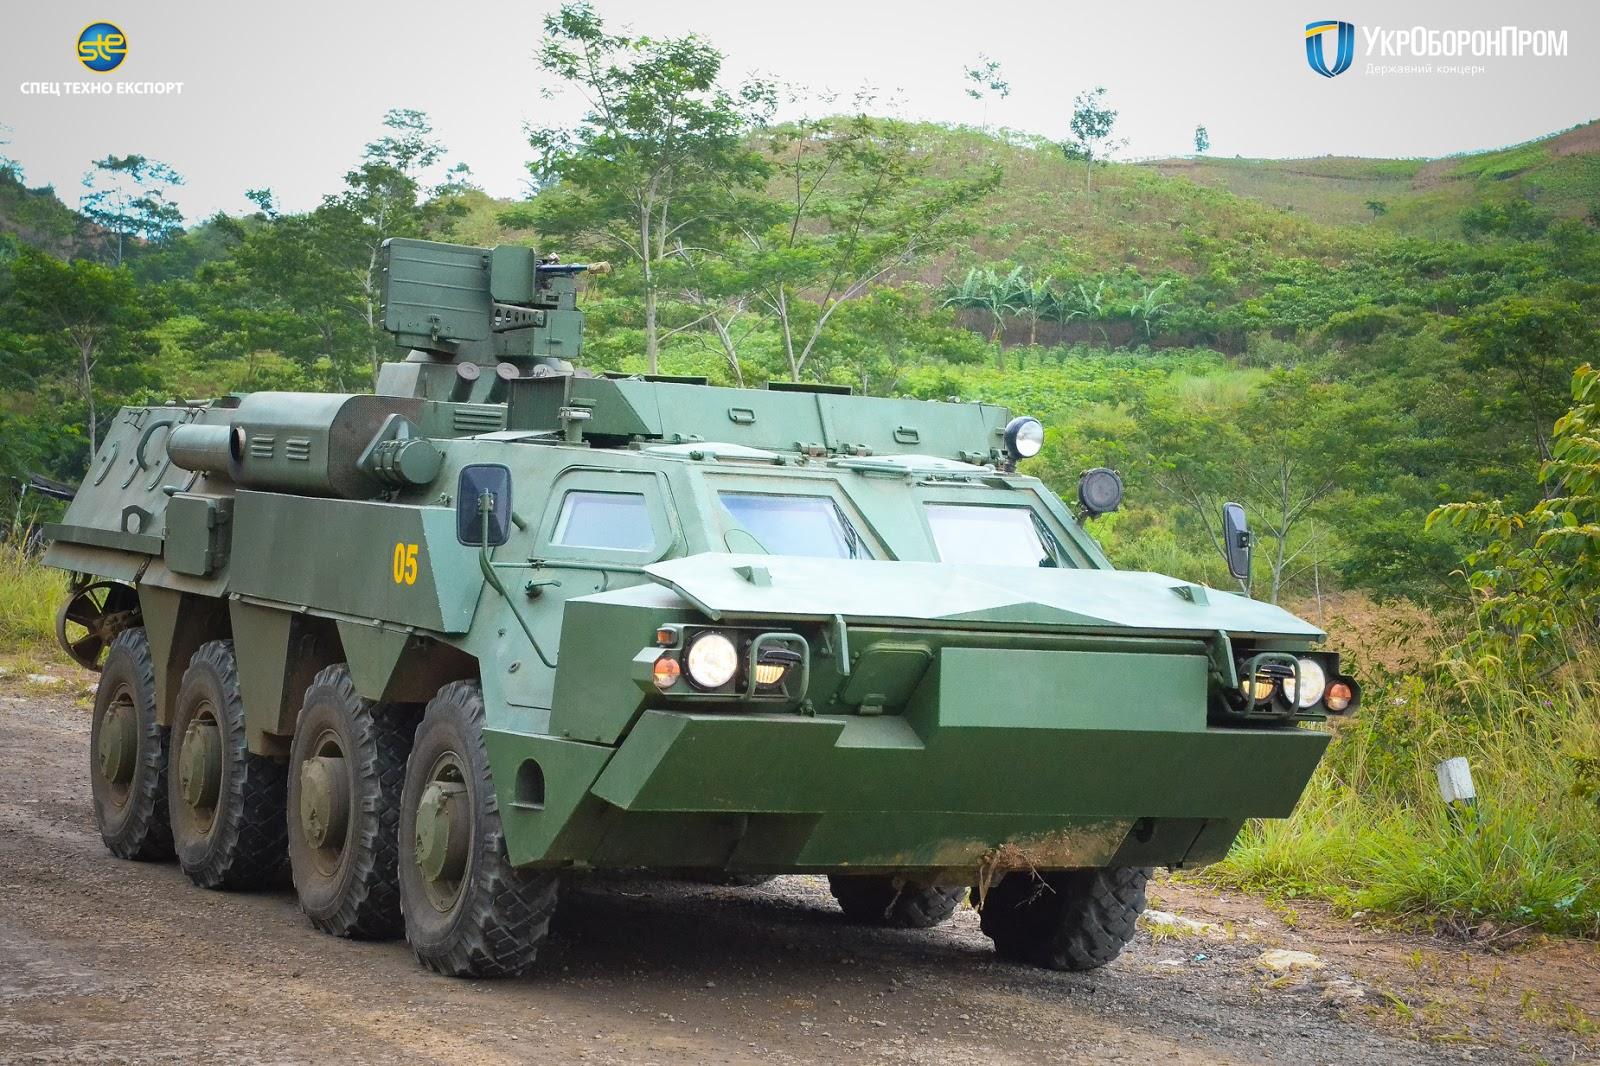 ХКБМ готує передачу морській піхоті першої партії БТР-4